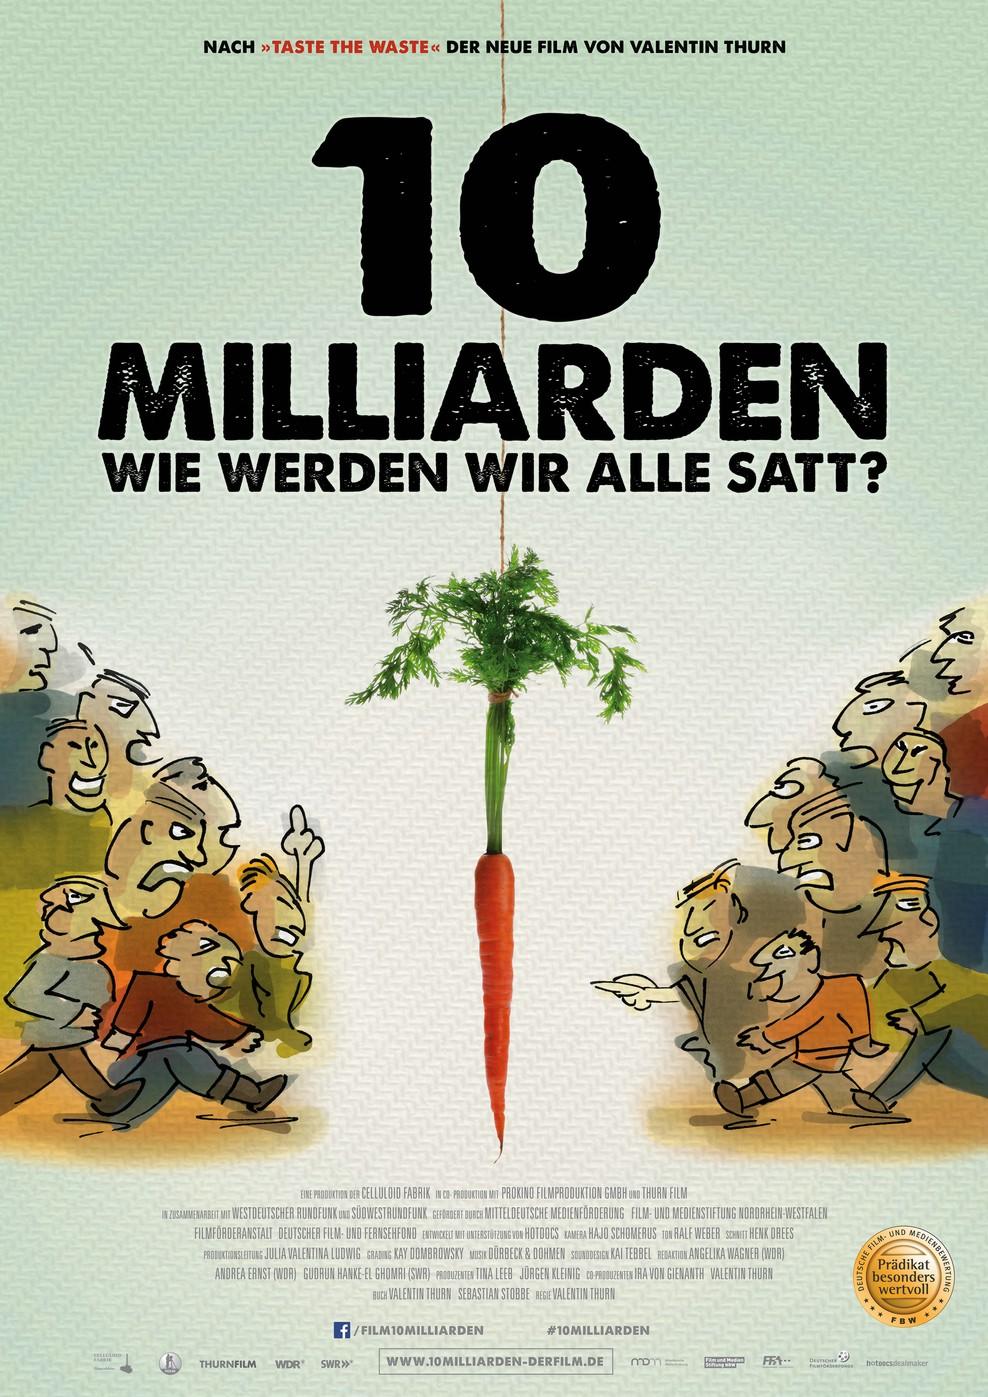 10 Milliarden - Wie werden wir alle satt? (Poster)